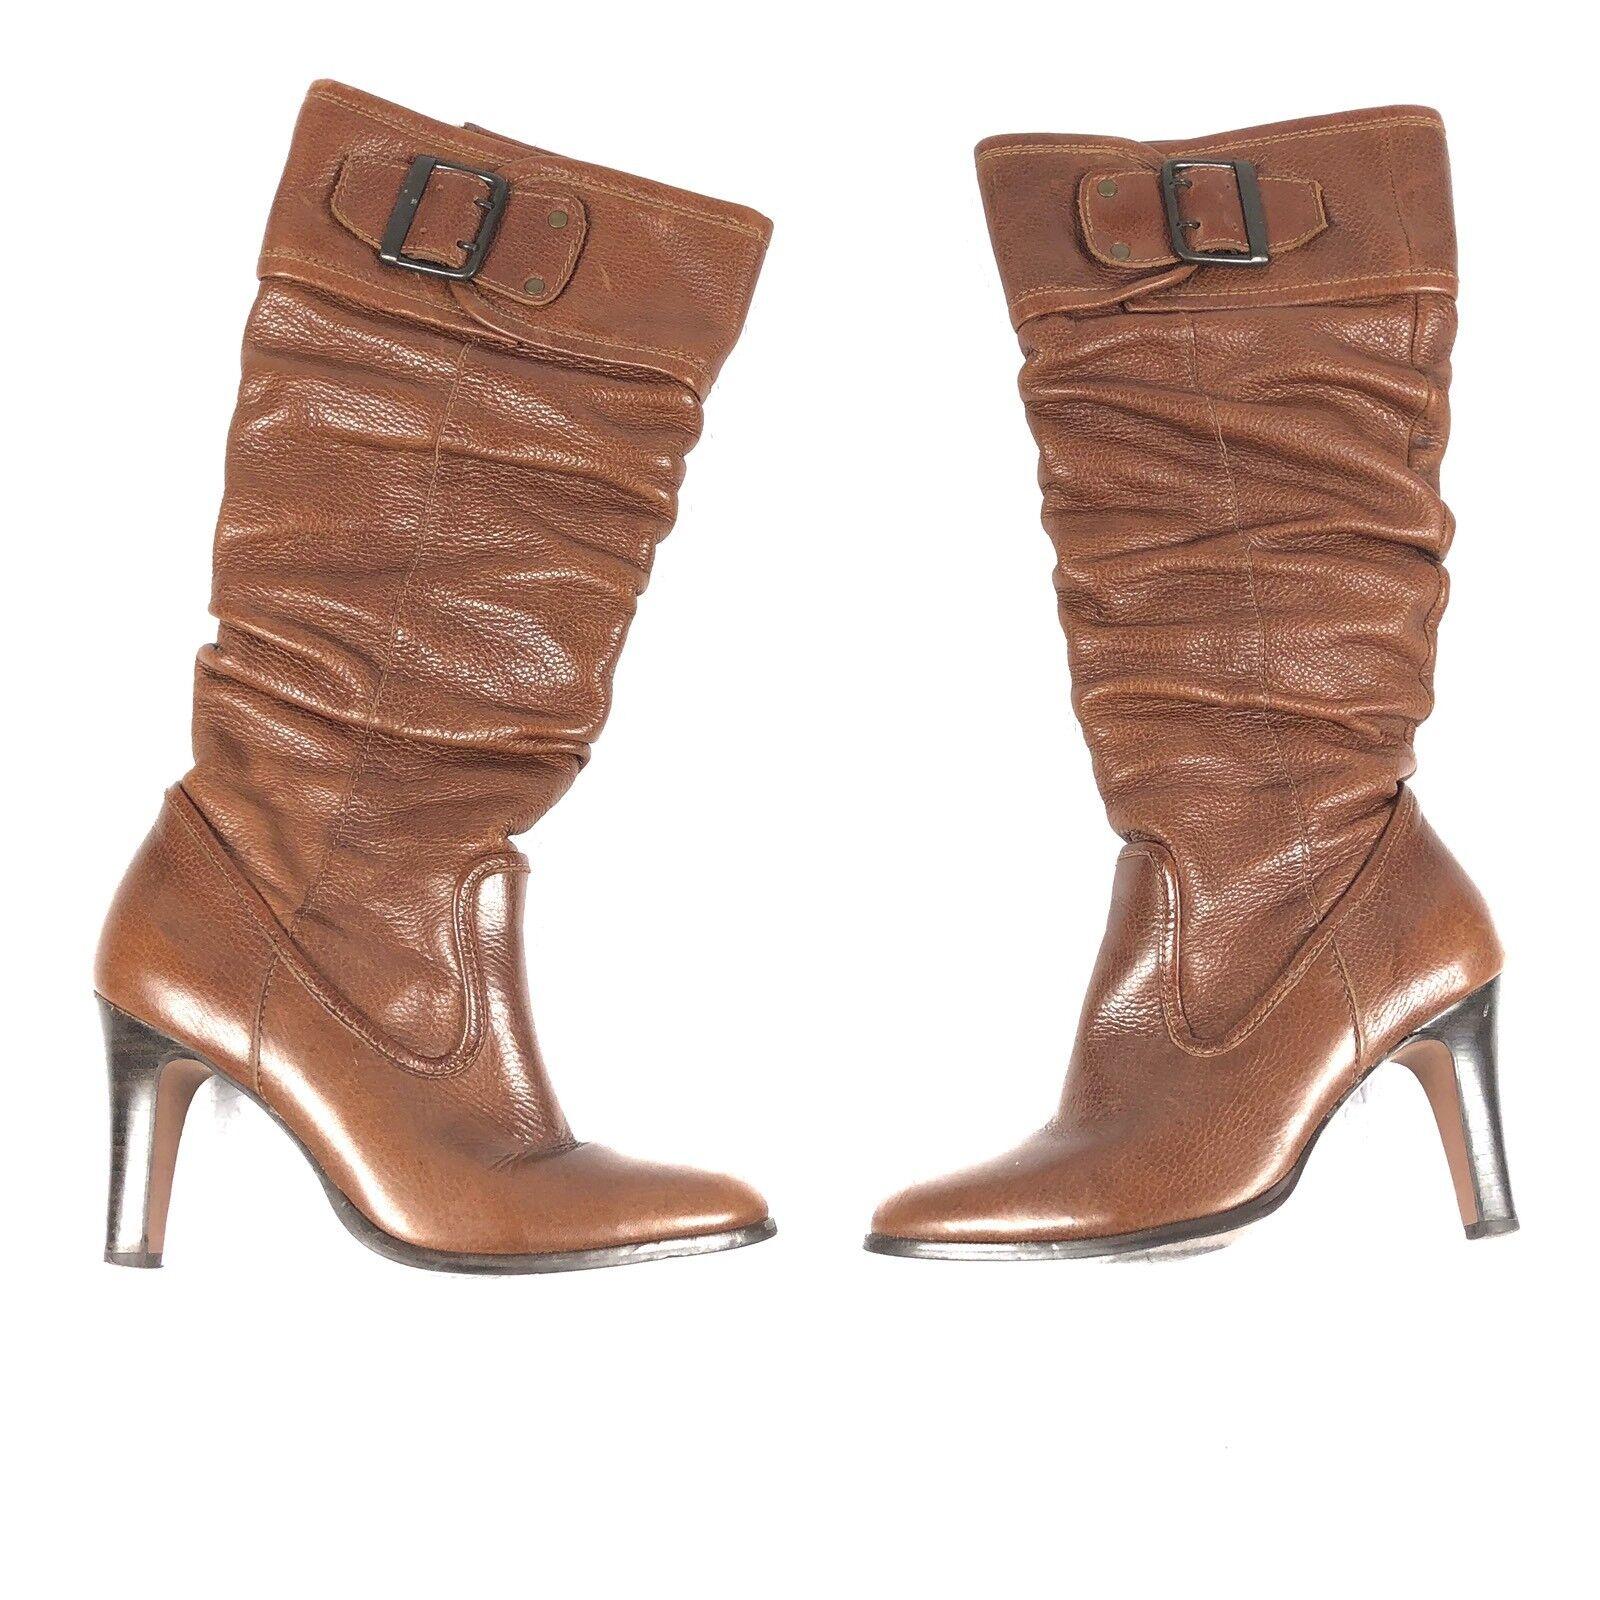 negozio online MATISSE donna donna donna stivali Dimensione 6 M Marrone leather slouchy buckles heels knee high tall  godendo i tuoi acquisti